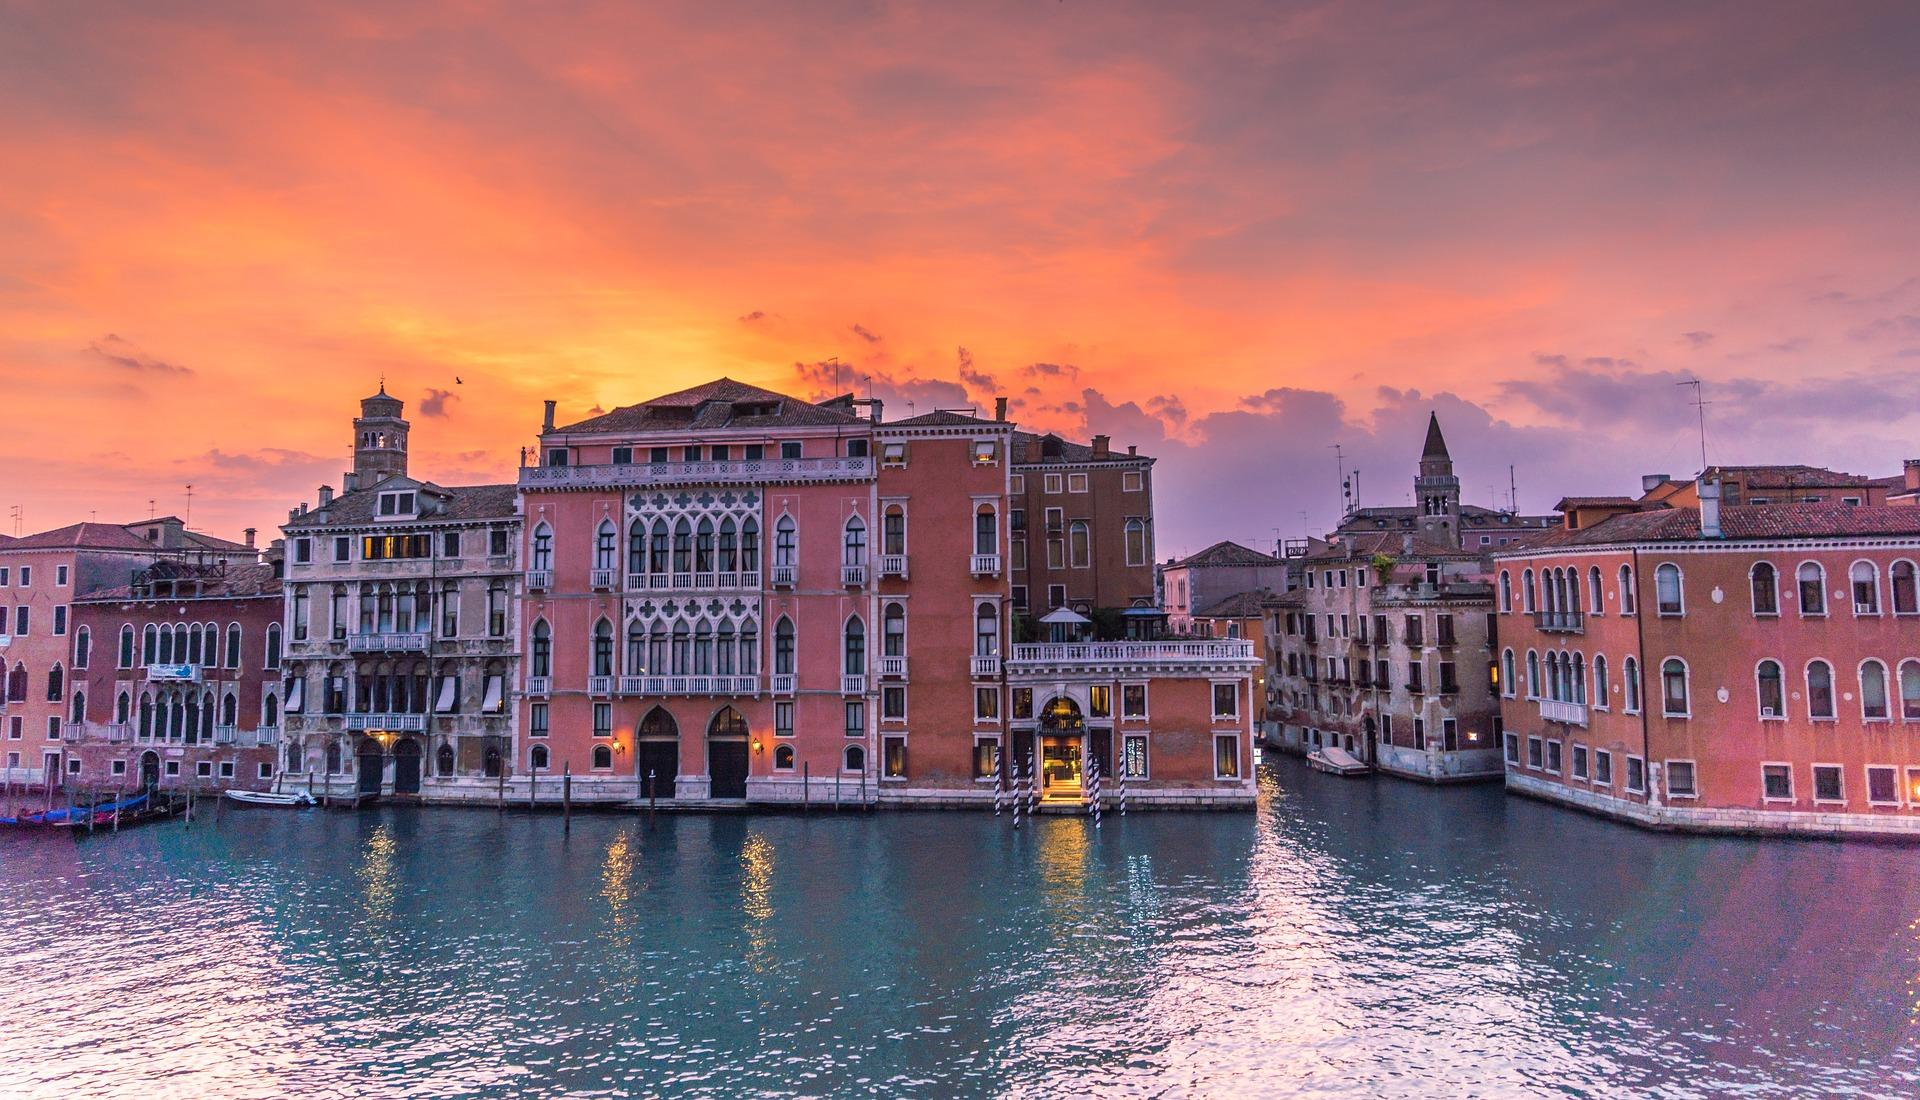 Sonnenuntergang über den Dächern von Venedig Städtereise